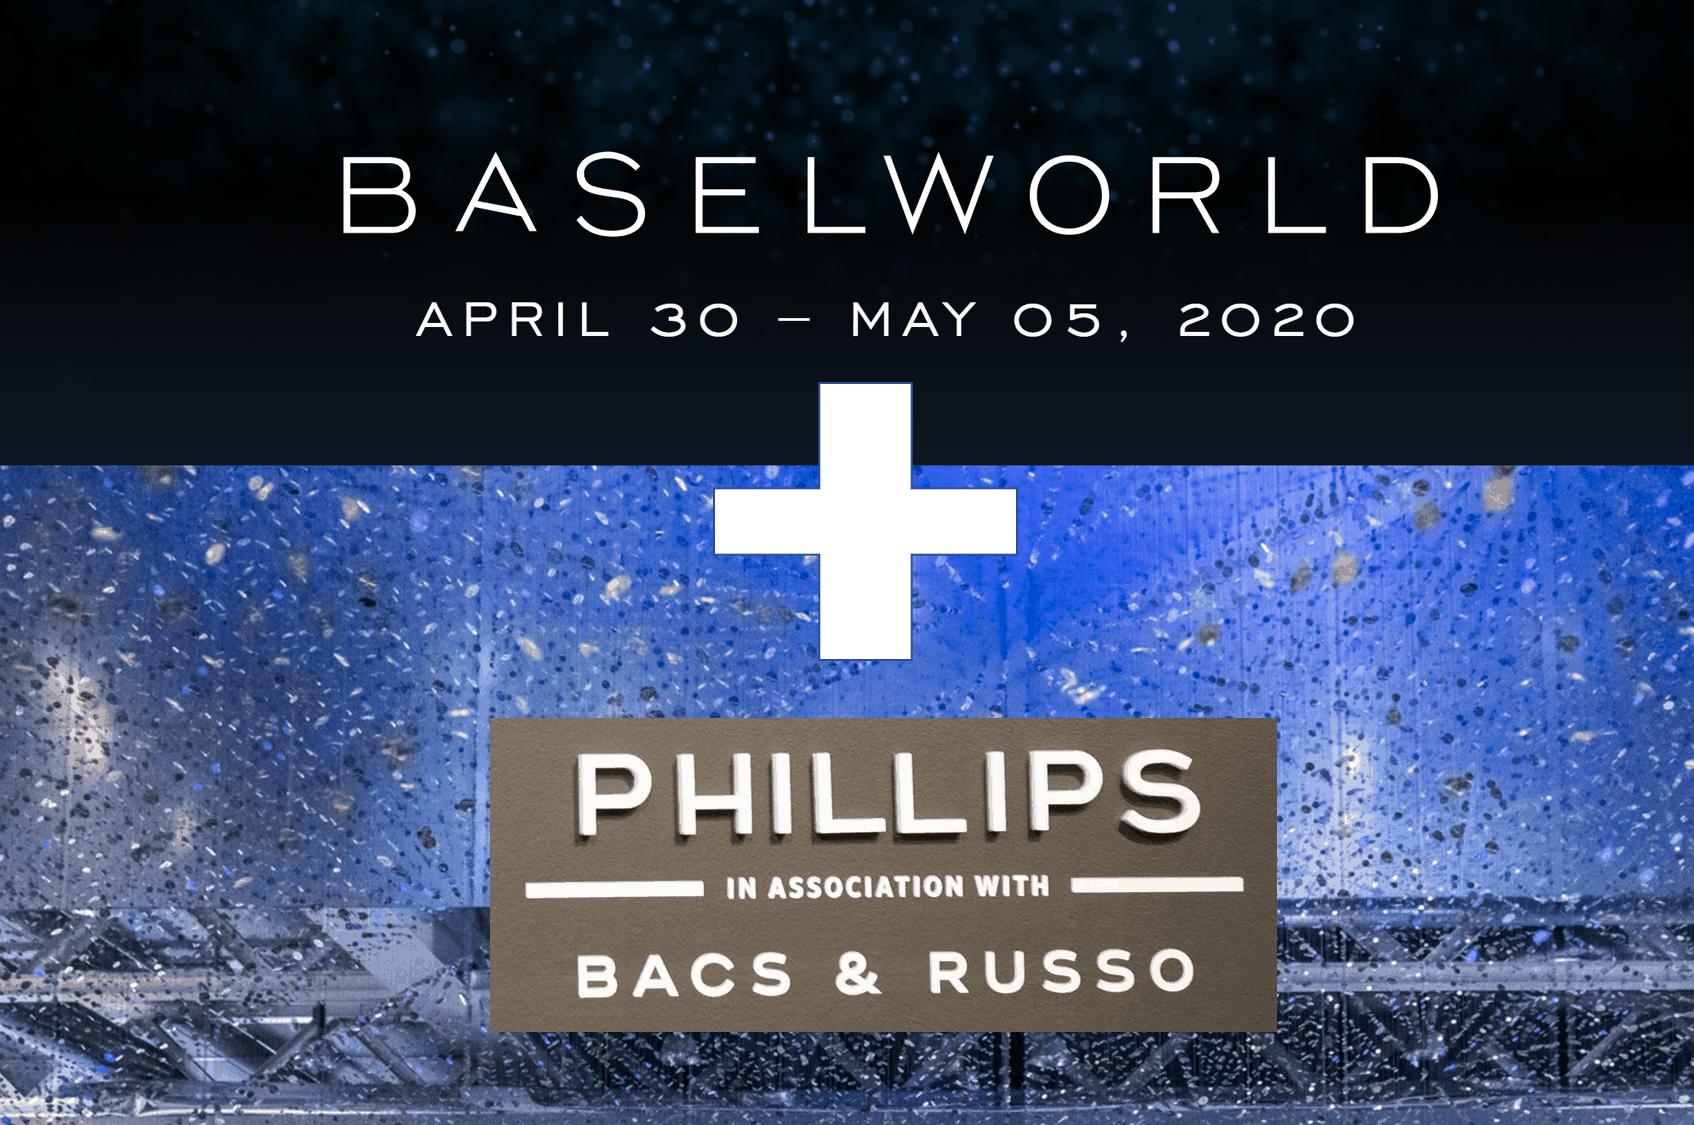 Auktionshaus Phillips auf der Baselworld 2020Die Baselworld Uhrenmesse bietet eine neue Plattform